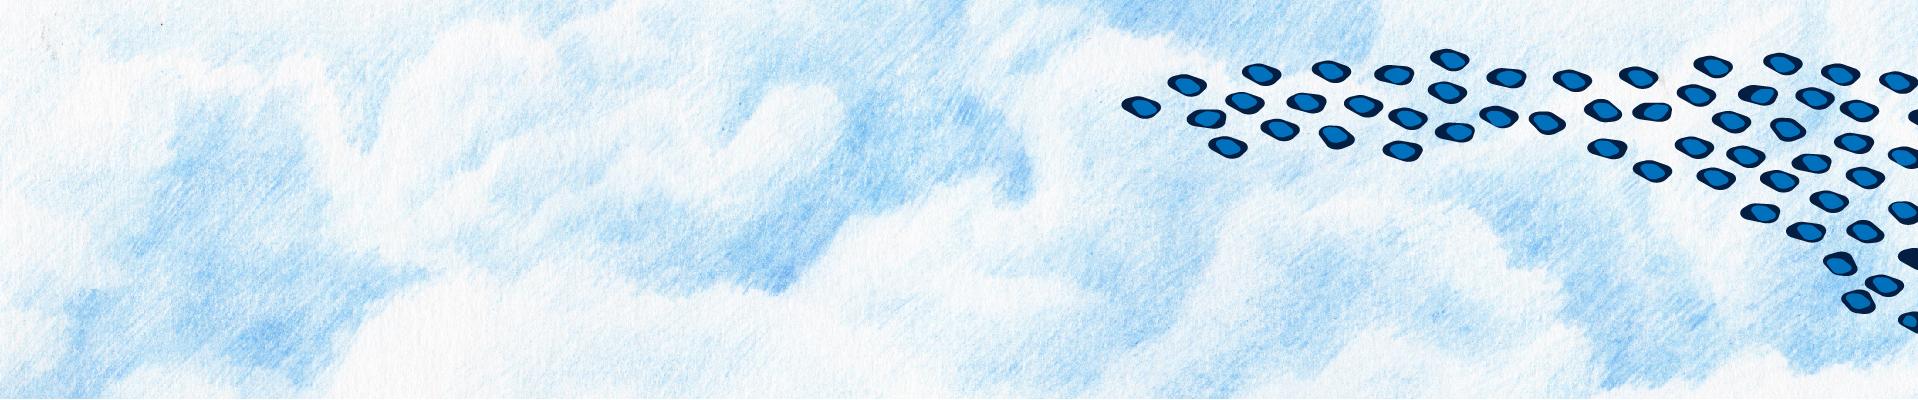 dessin-design-ciel-bleu